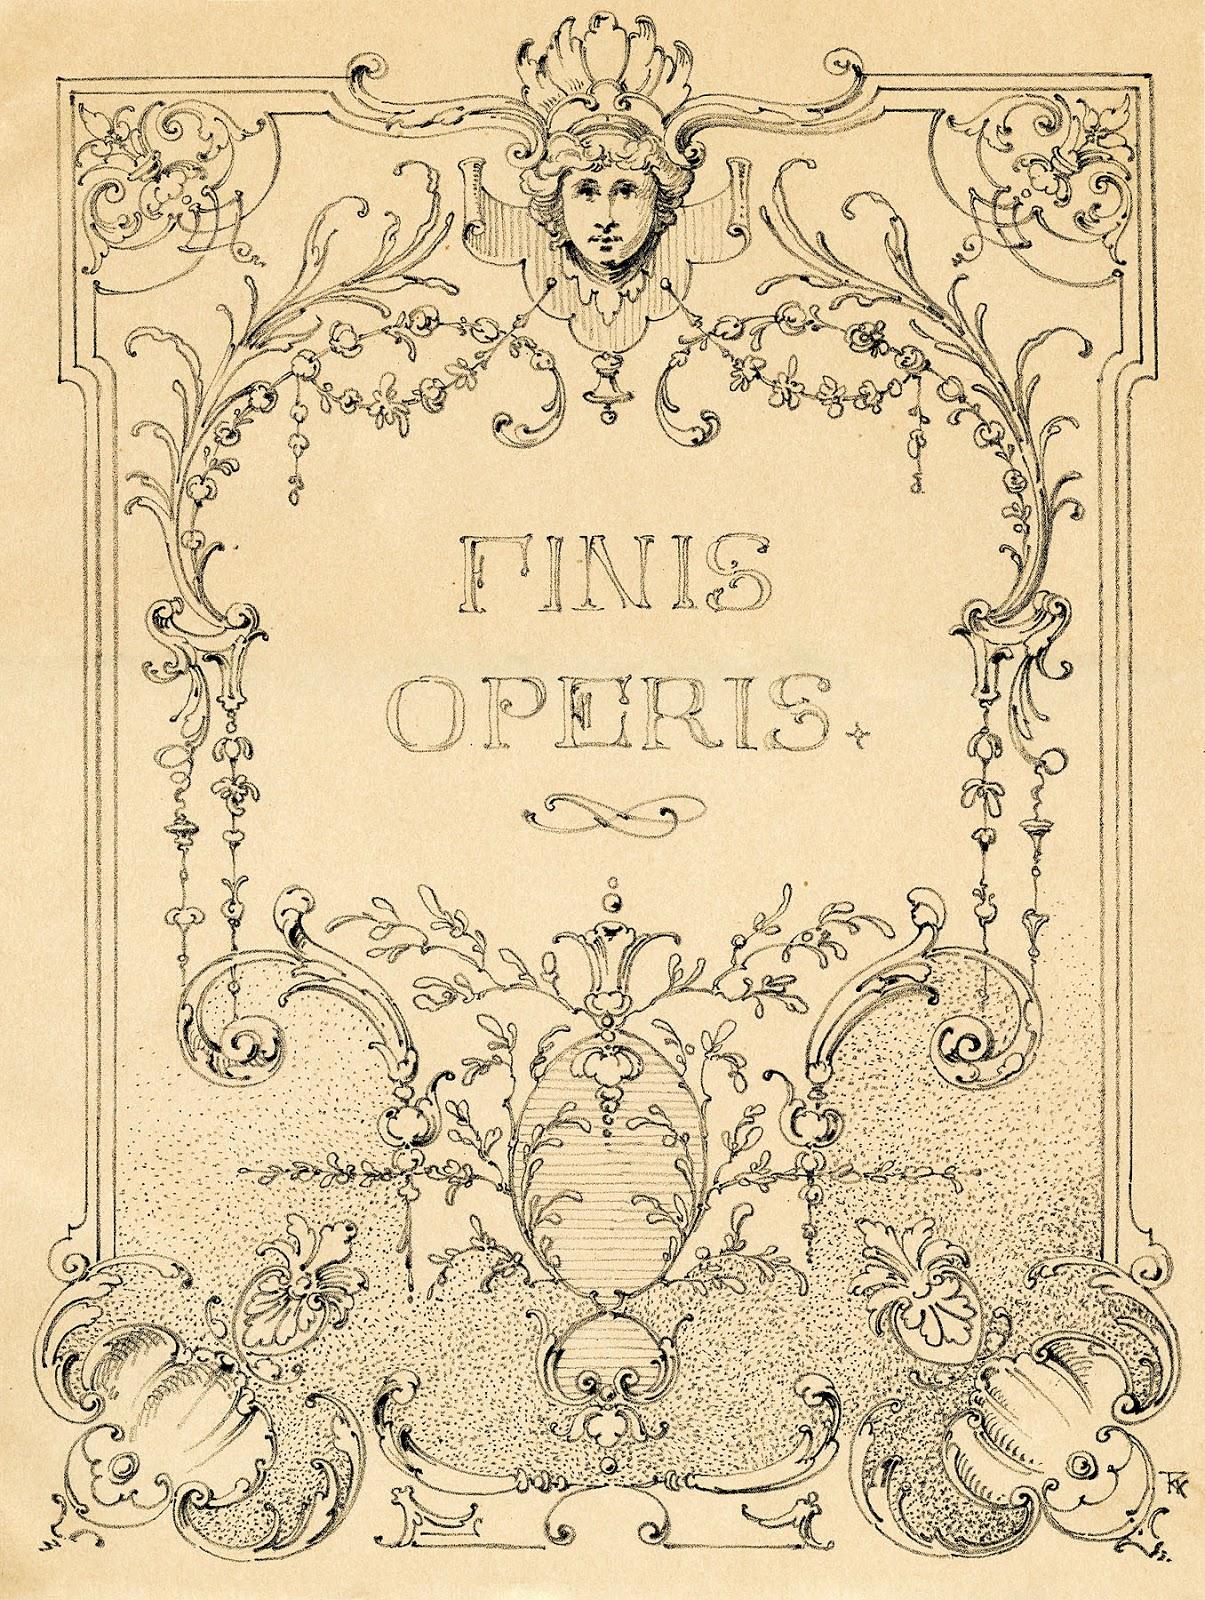 Vintage Illustrations - Gorgeous Ornate Label - Frame - The ...